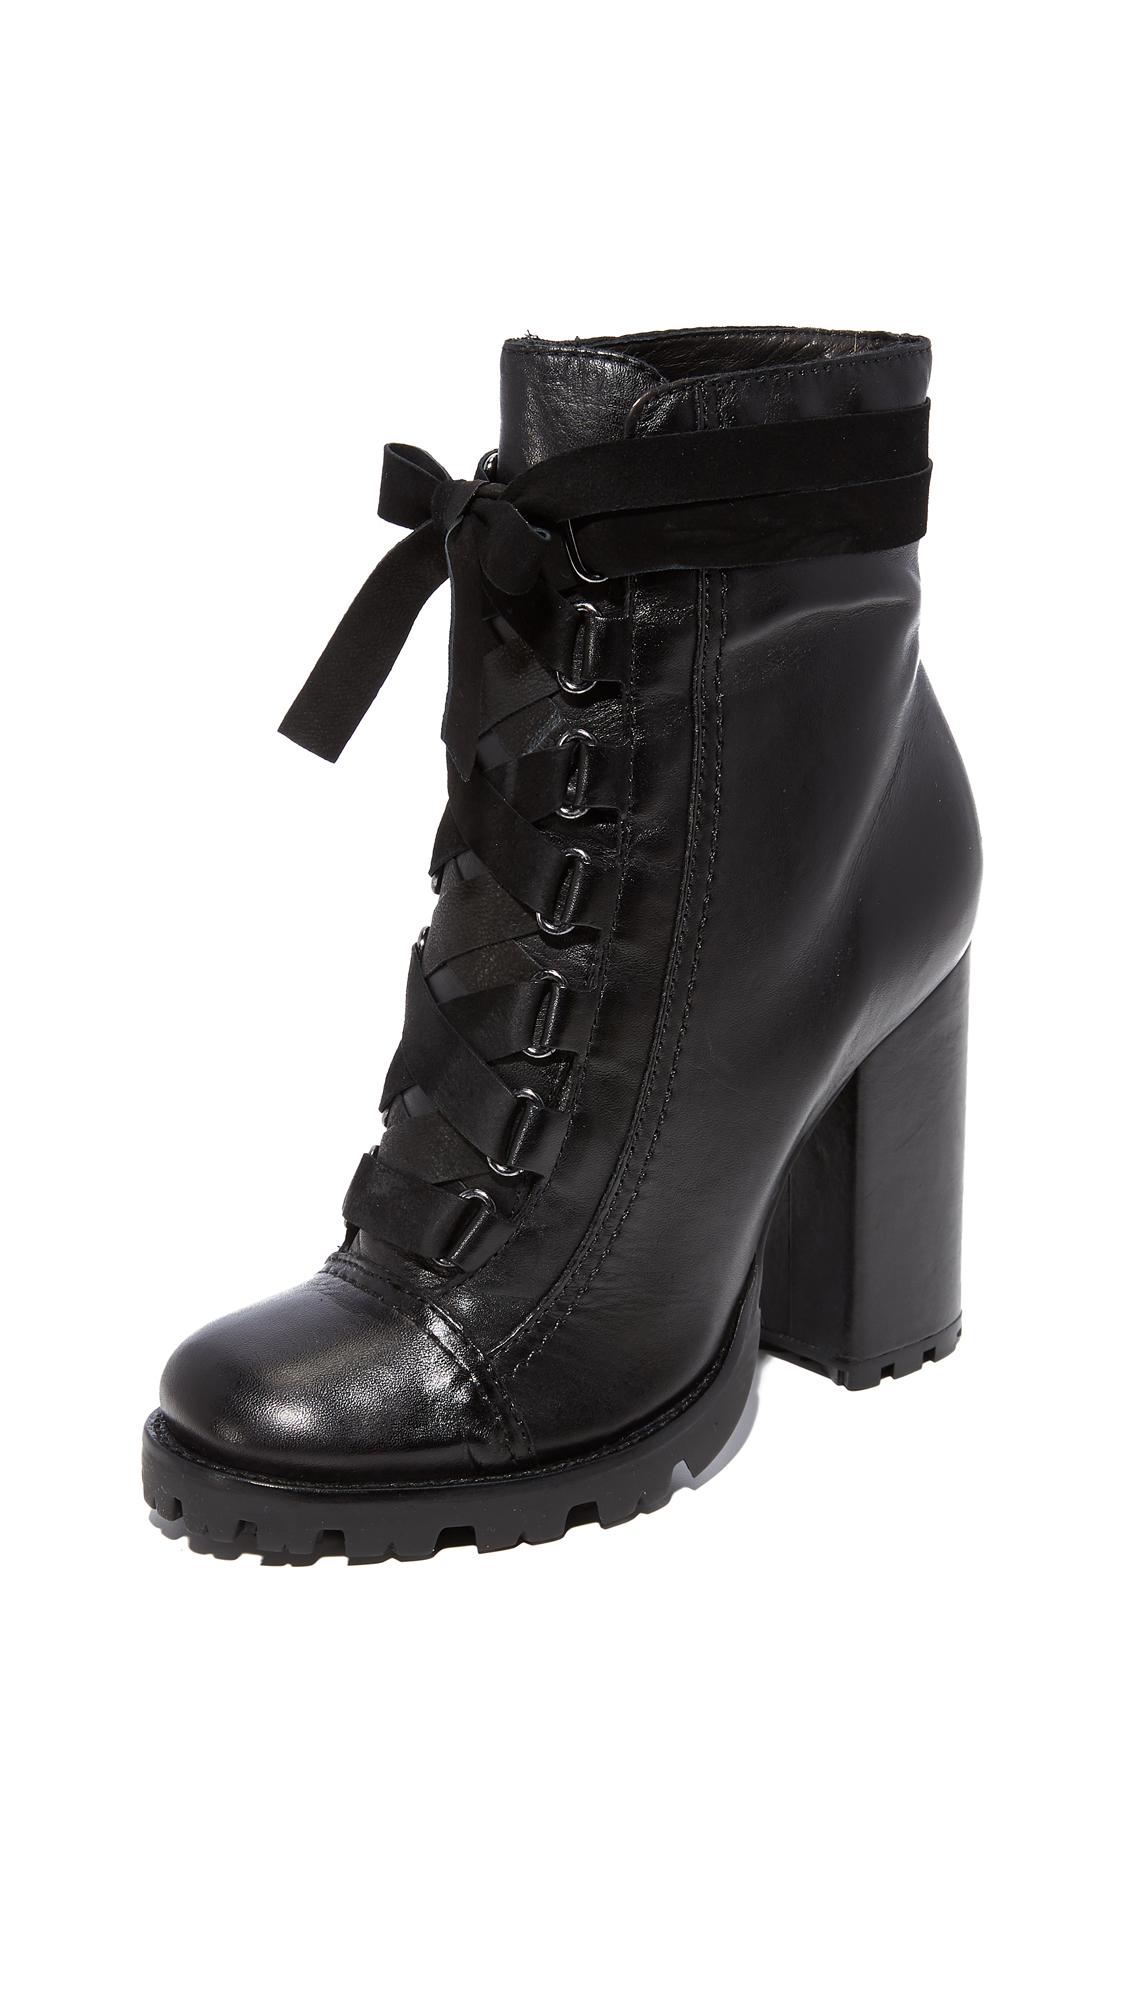 Schutz Lisie Bow Platform Boots - Black